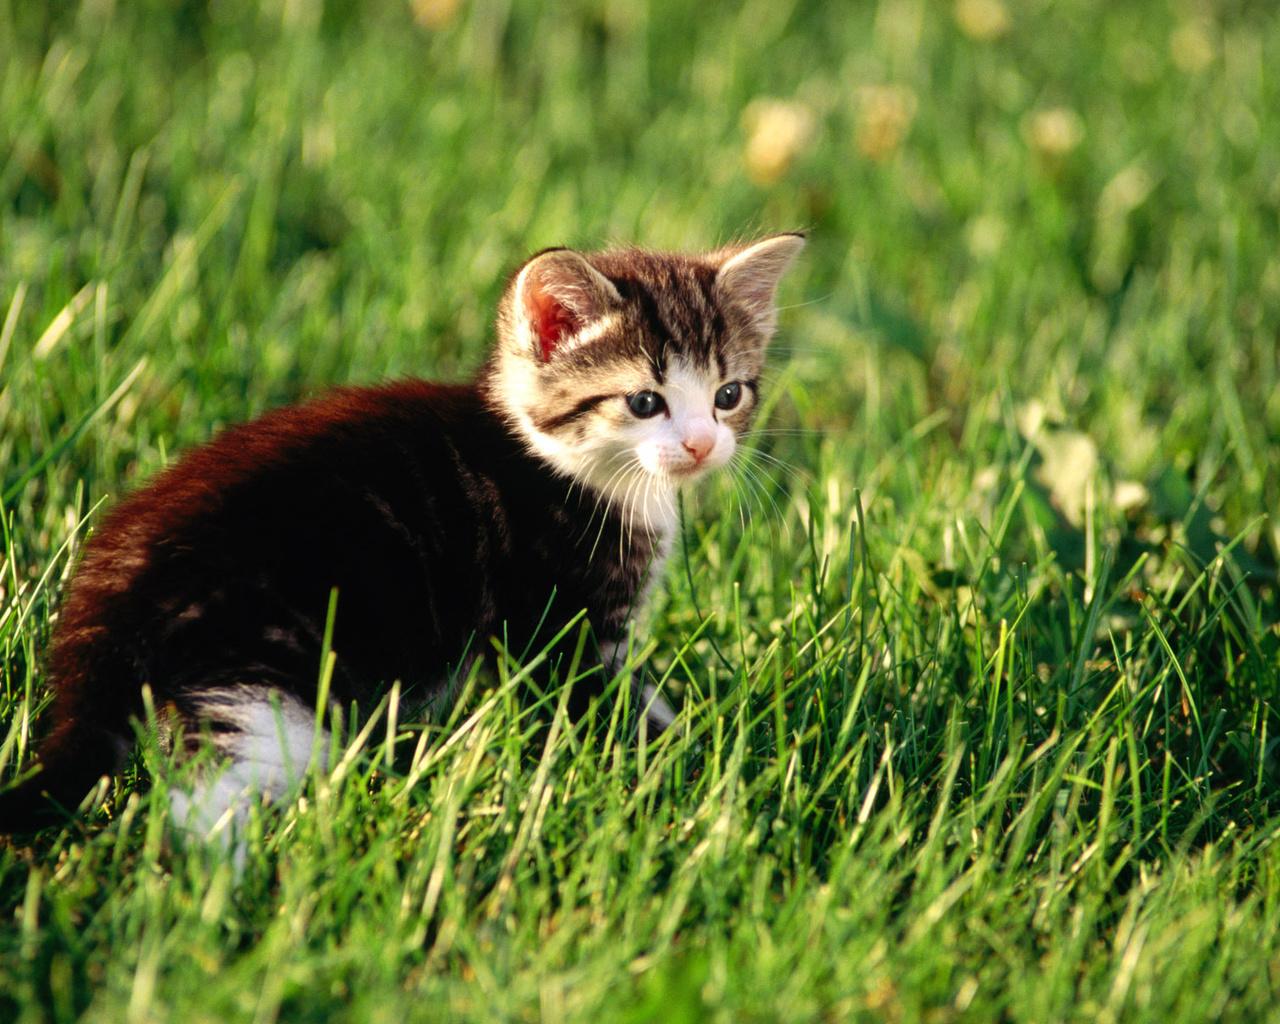 котенок, кот, трава, Cat, киса, киска, котэ, кошка